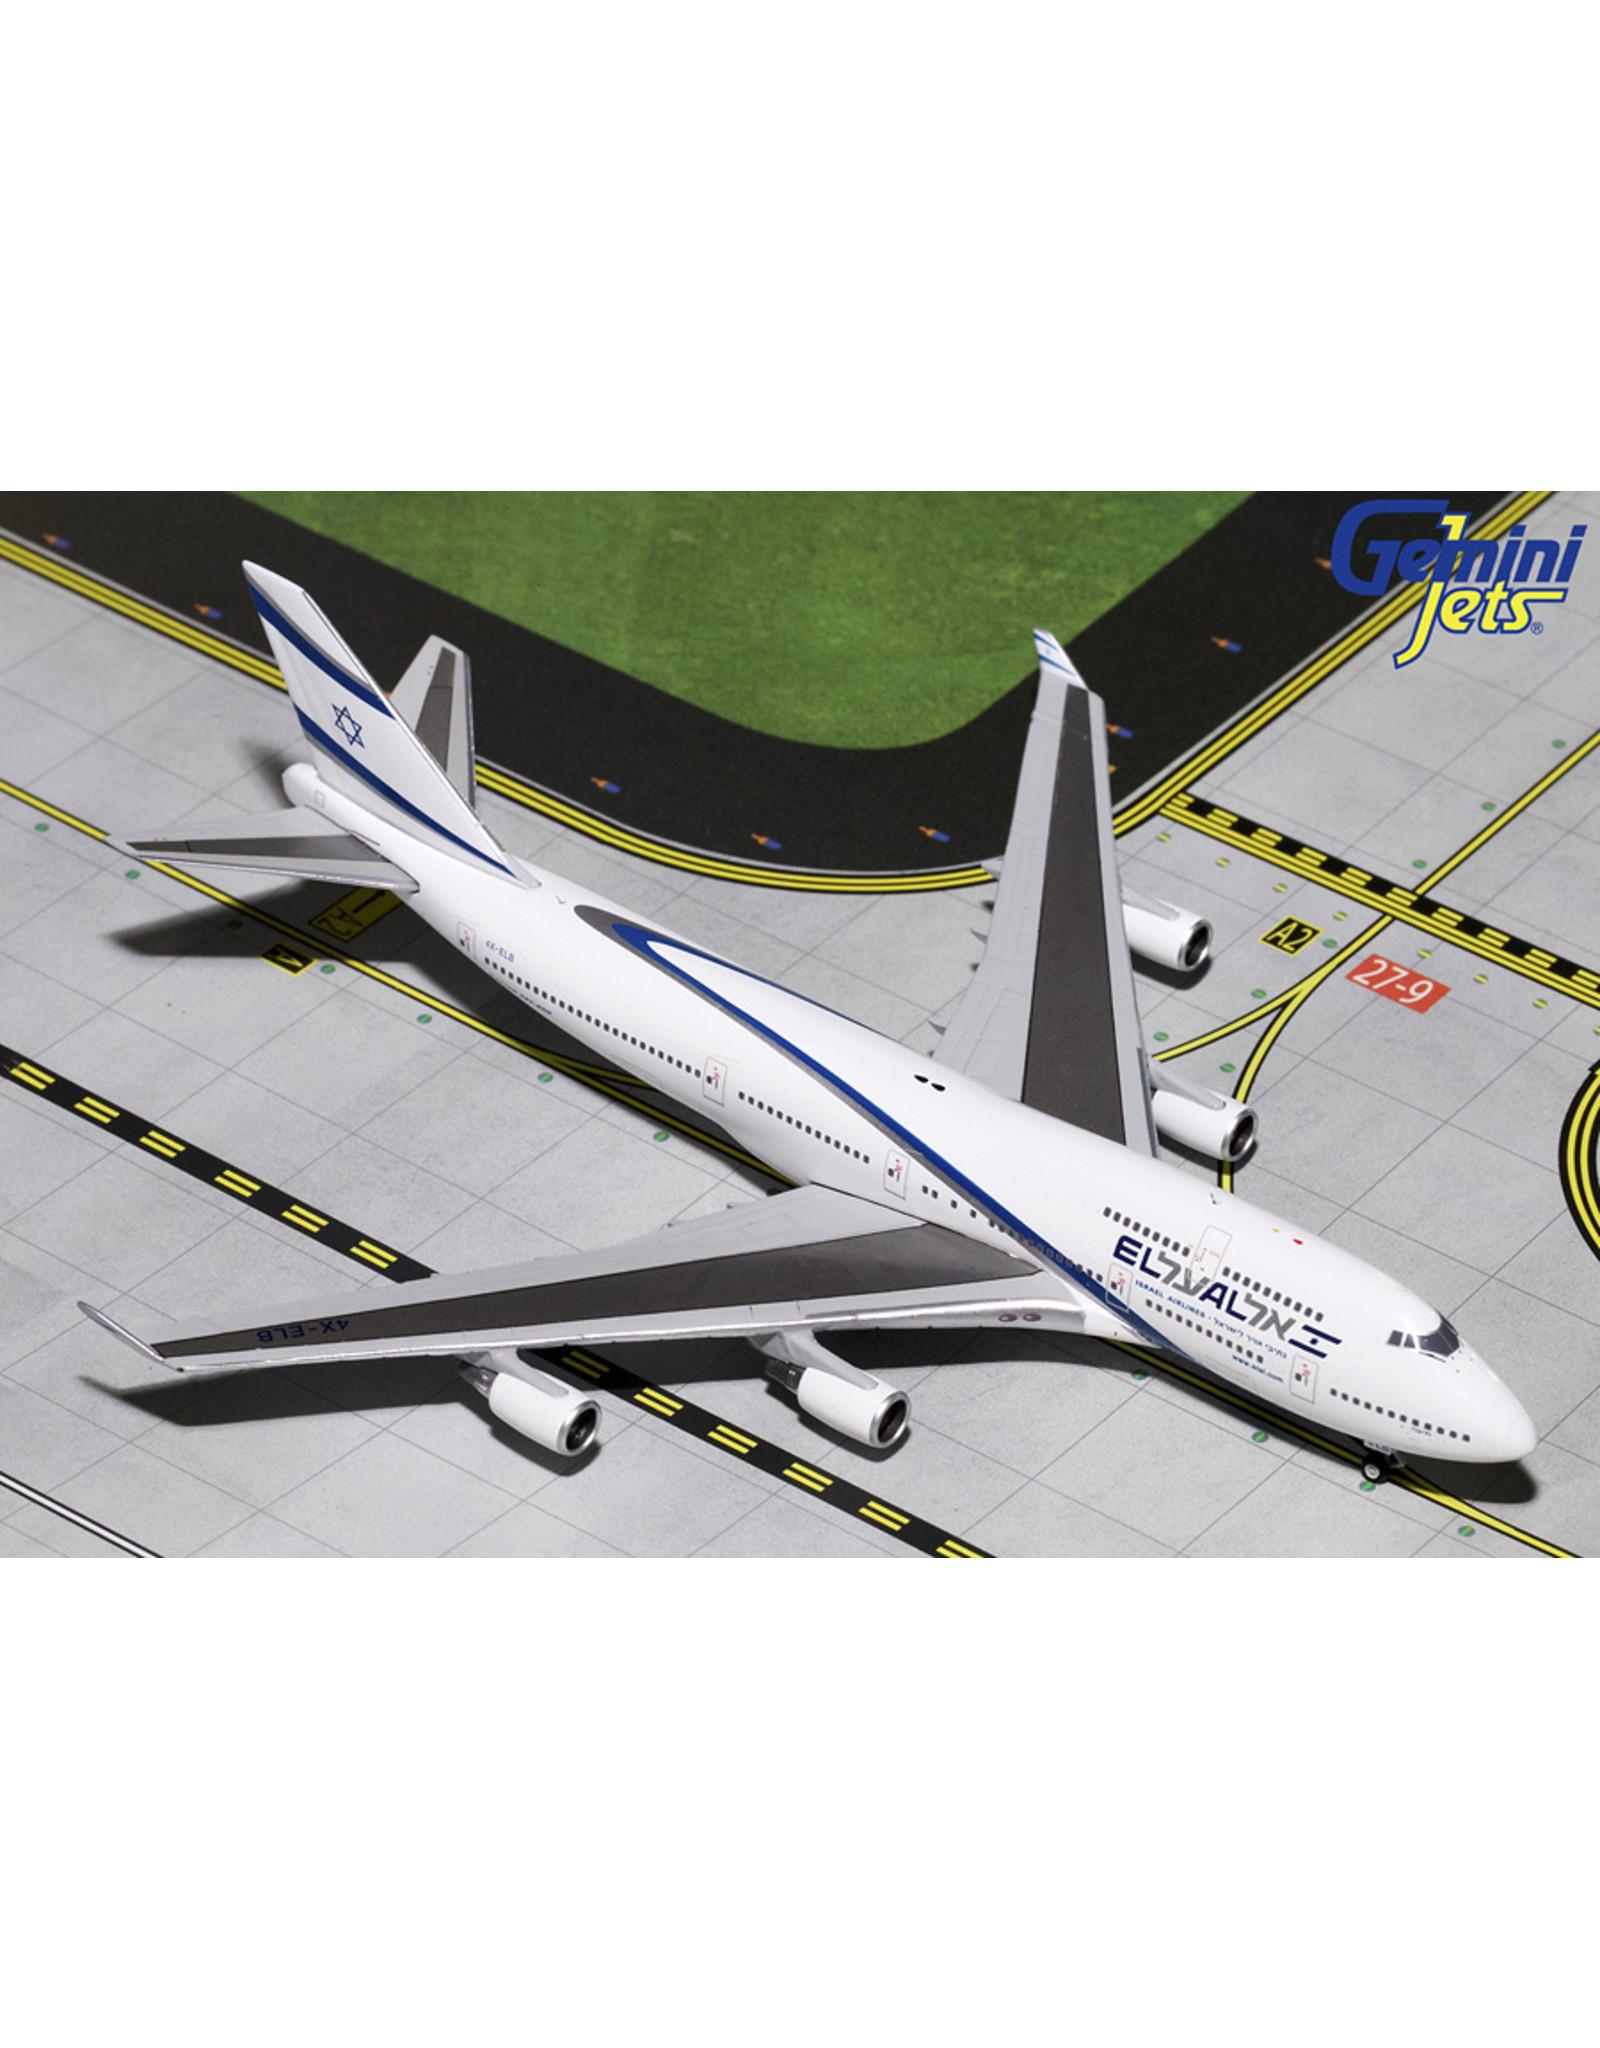 Gemini Gem4 El Al 747-400 Farewell Flight